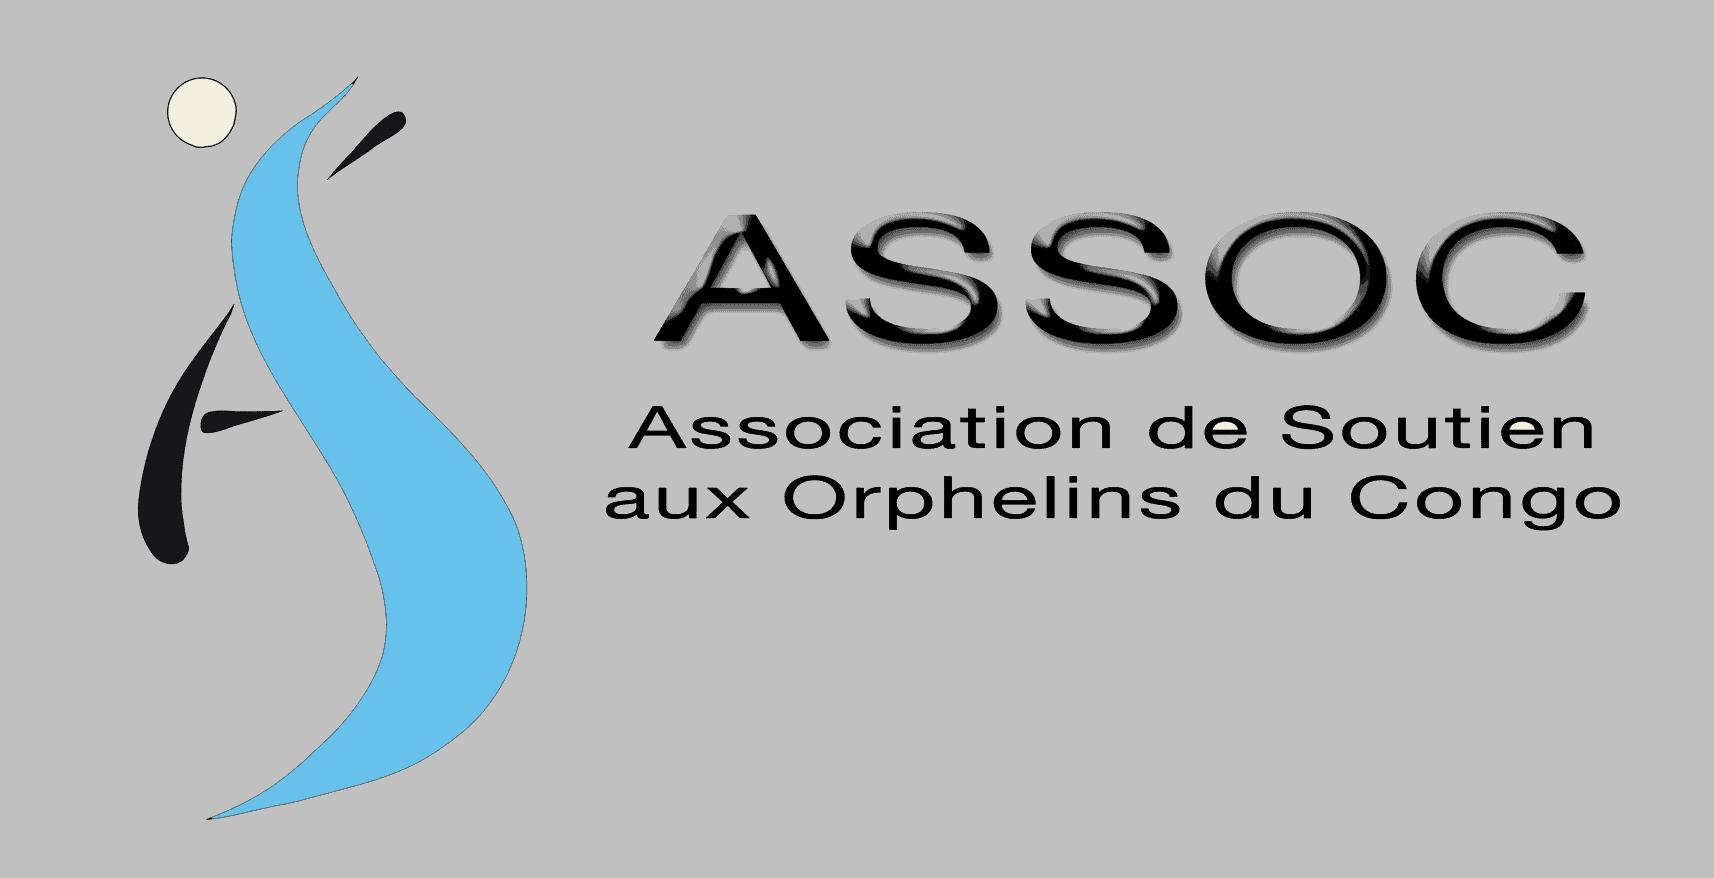 ASSOC – Association de Soutien aux Orphelins du Congo